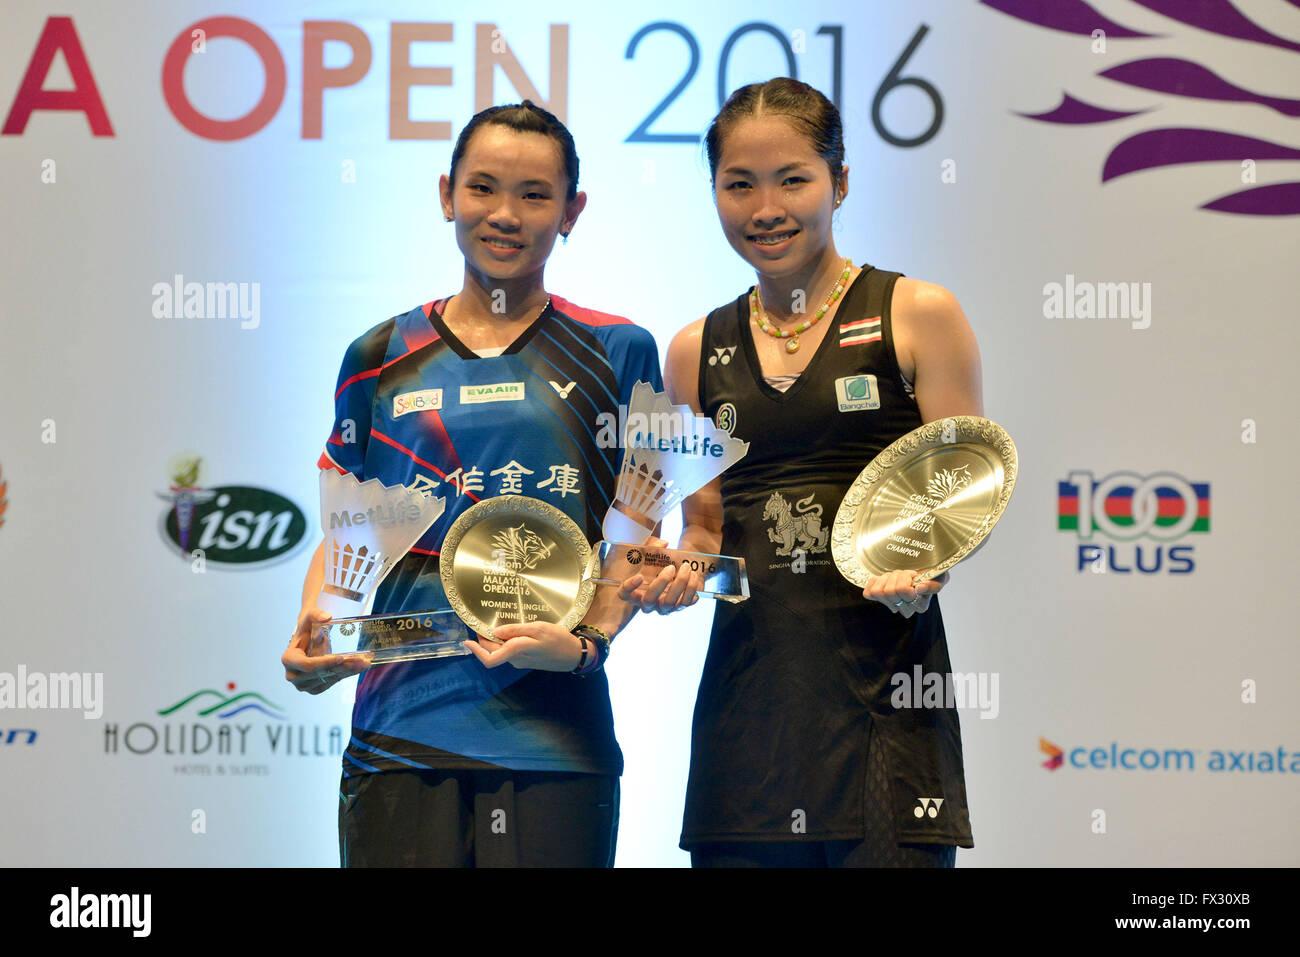 Kuala Lumpur Malaysia 10th Apr 2016 Ratchanok Intanon R of